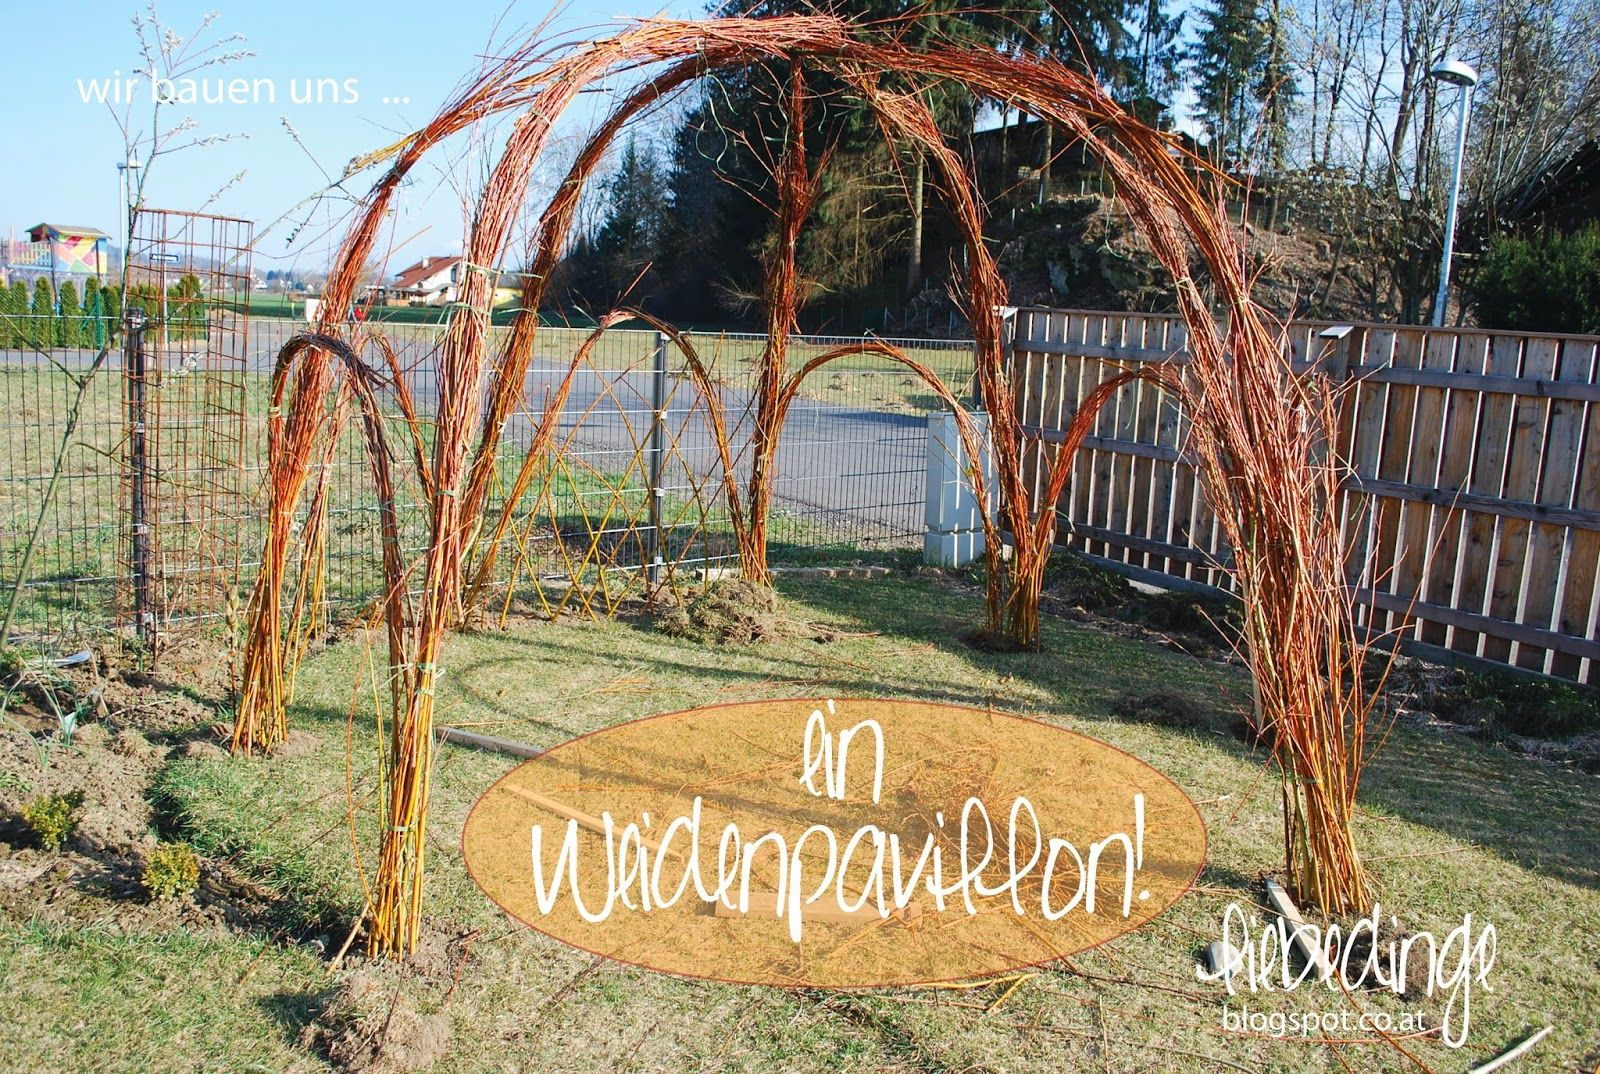 Gartenpavillon selber bauen 2 ideen mit bauanleitung gartenpavillon selber bauen aus weiden - Gartenpavillon selber bauen ...